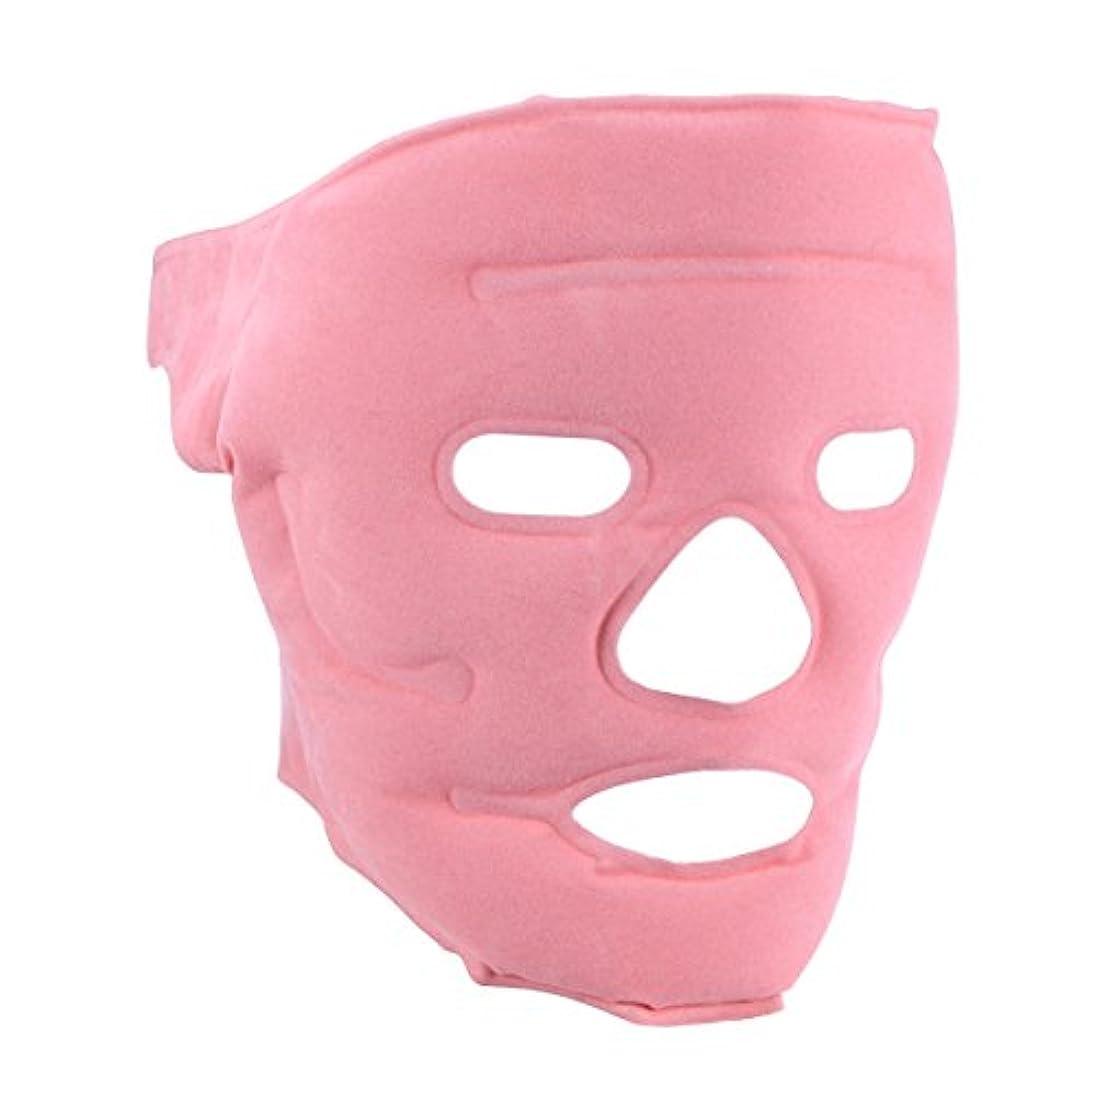 メタルライン不満気分が良いHEALLILY ジェルアイスフェイスマスク美容フェイスリフティングマッサージフェイシャルマスク